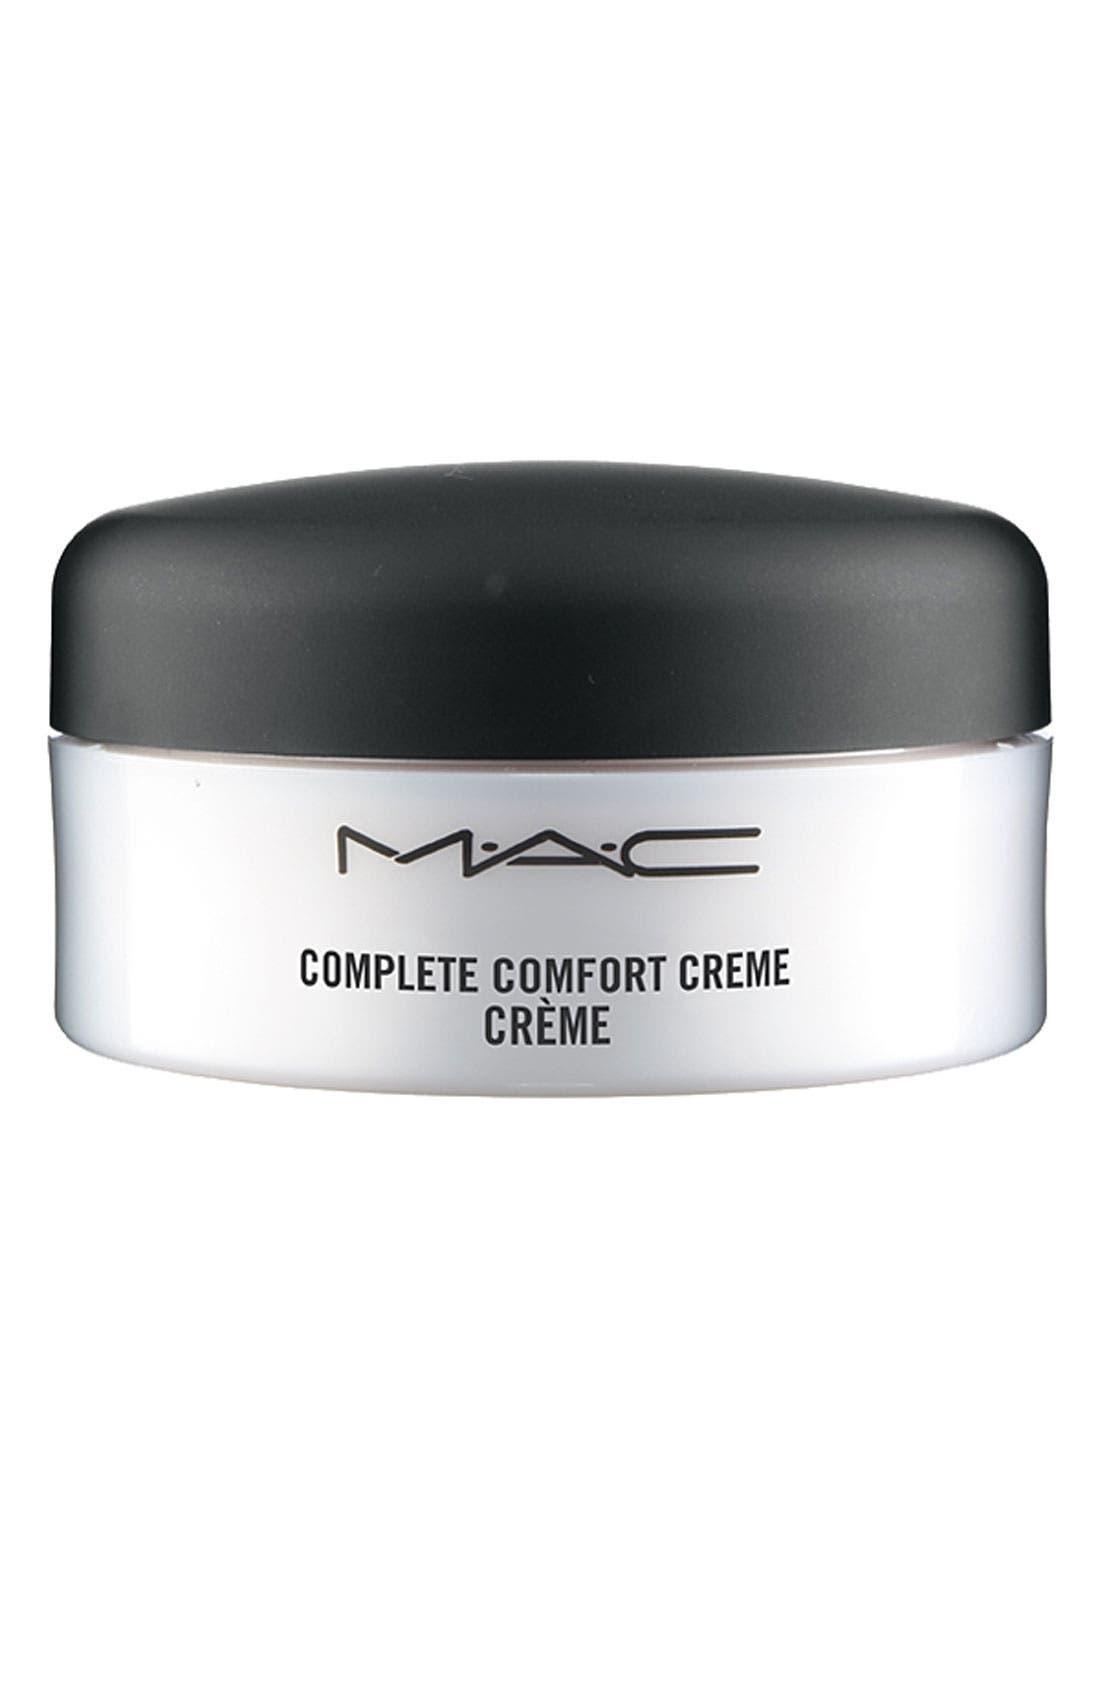 MAC Complete Comfort Creme,                             Main thumbnail 1, color,                             NO COLOR